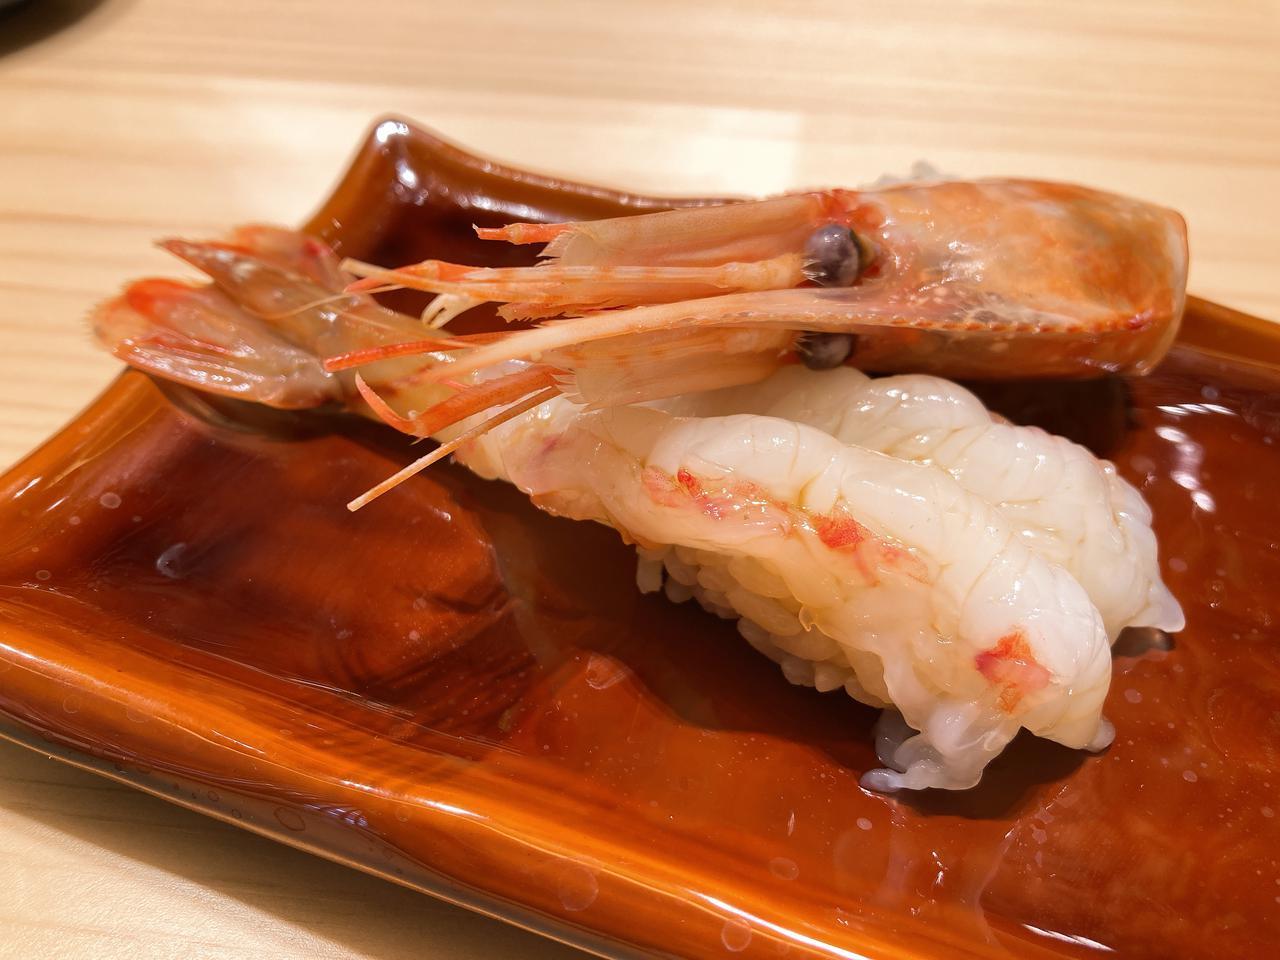 画像4: 【試食レポ】もはやレベチ!表参道でいただく廻転鮨が贅沢すぎる♥♡